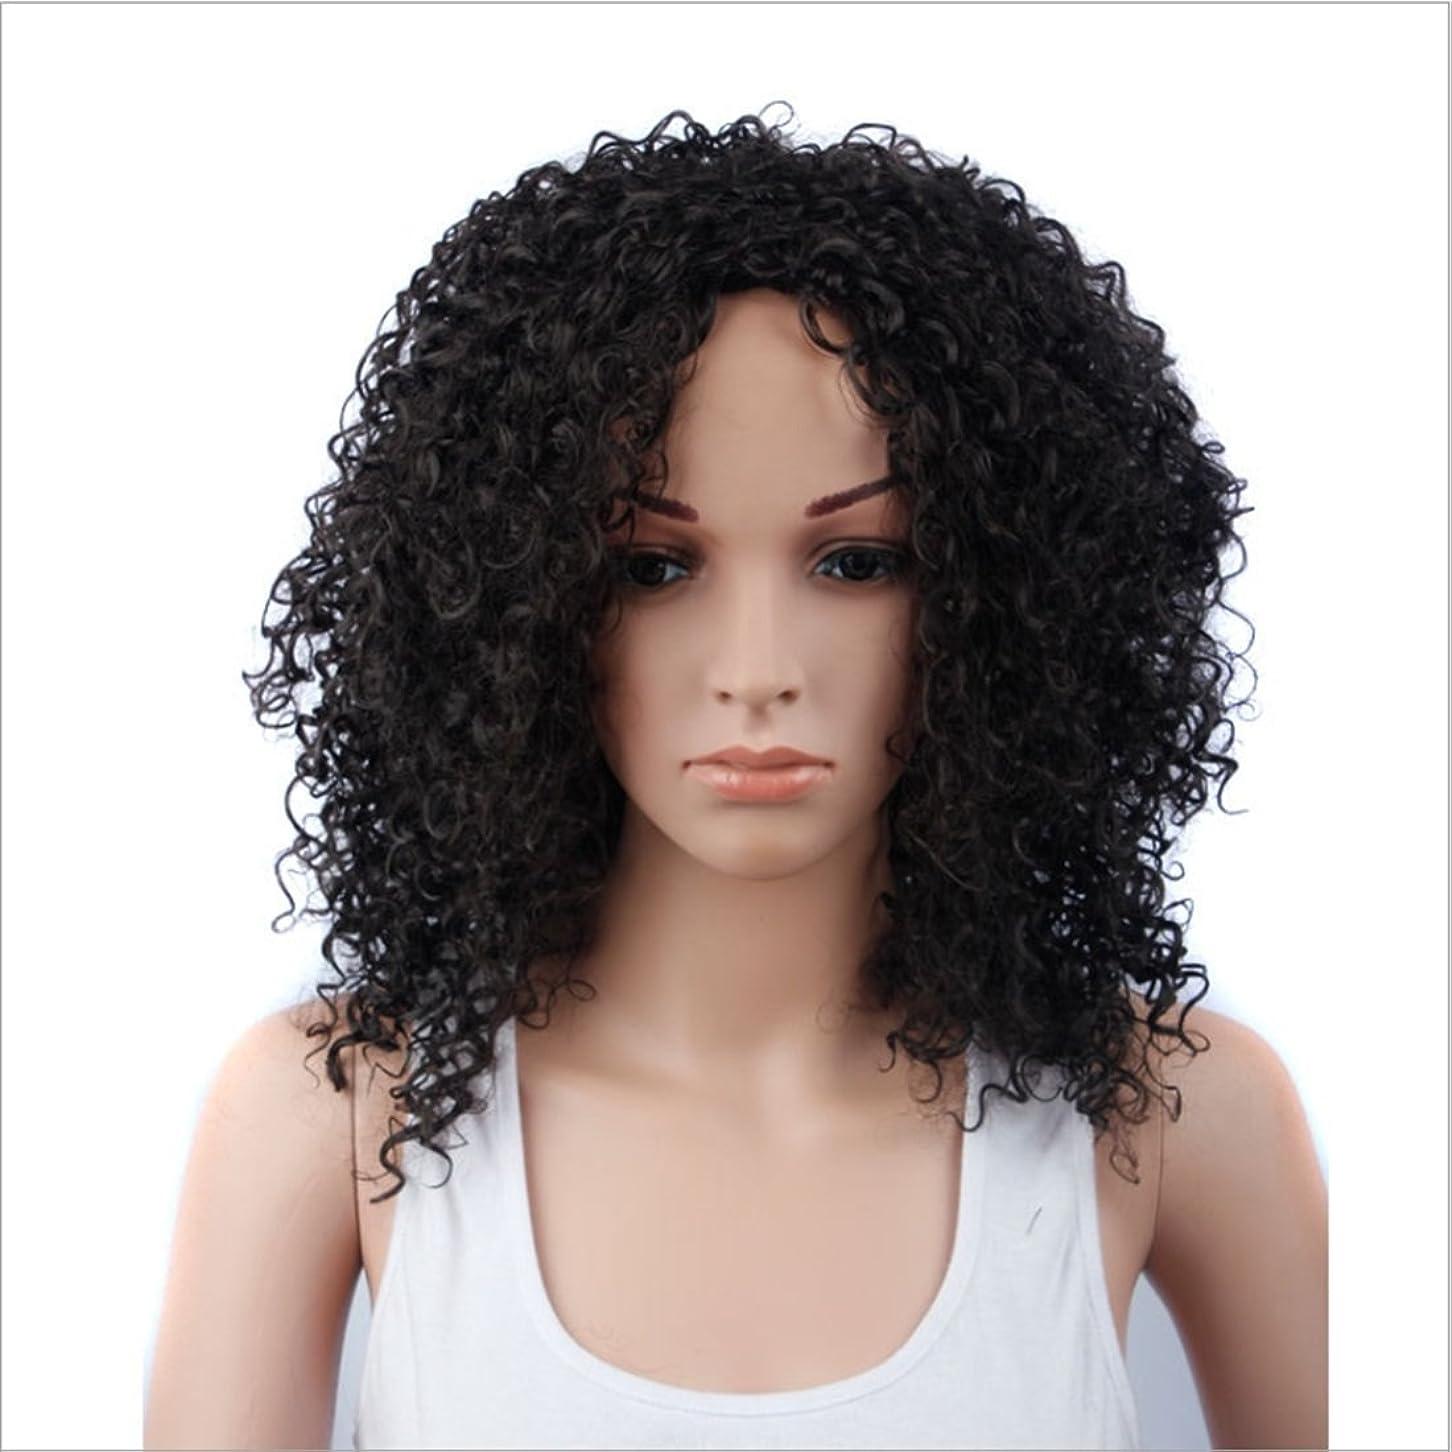 後方にバーターお嬢JIANFU 女性のための15inch合成高温ウィッグロングバンズの短いカーリーウィッグヘアナチュラルカラーウィッグ耐熱性210g(ワインレッド、ブラック) (Color : ブラック)